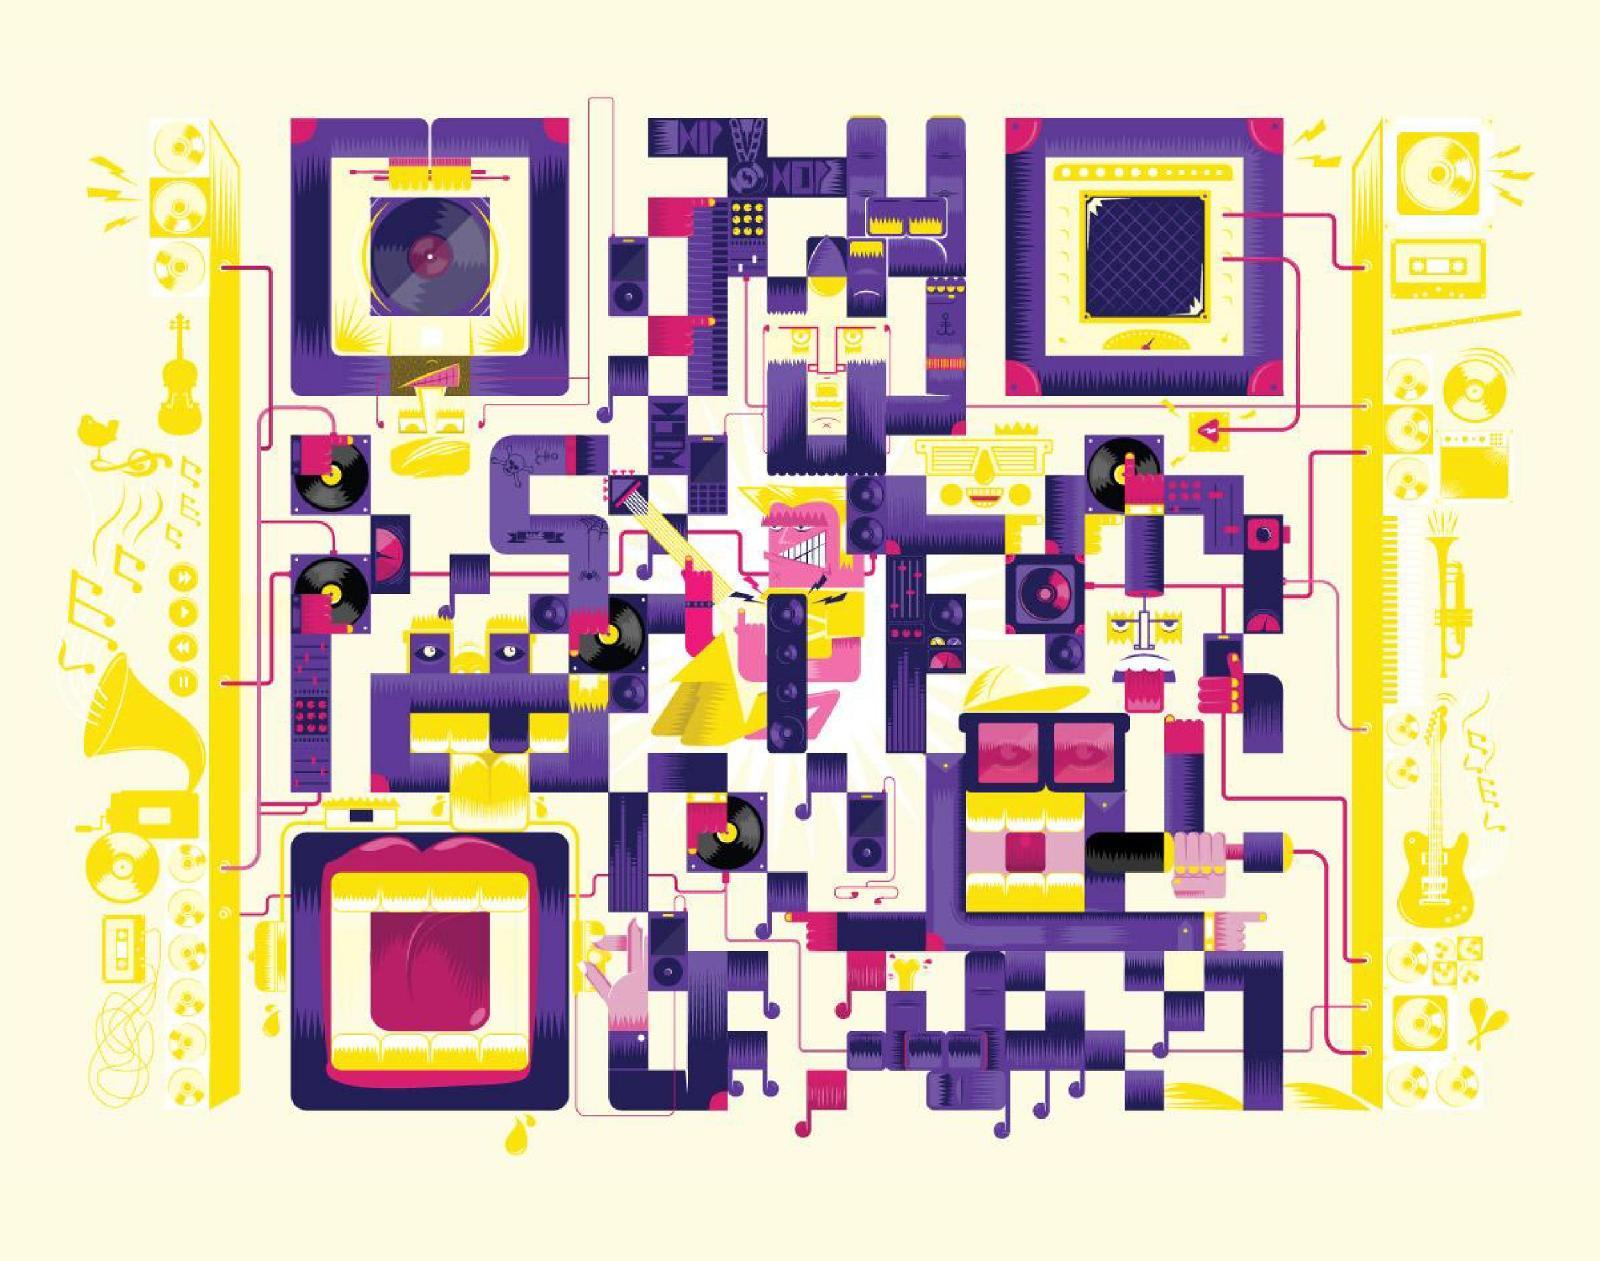 Показательный пример возможного использования QR-кодов врекламно-издательском проекте: календарь дляМТС на2012год (Изпортфолио креативного директора Арнаба Бисваса)